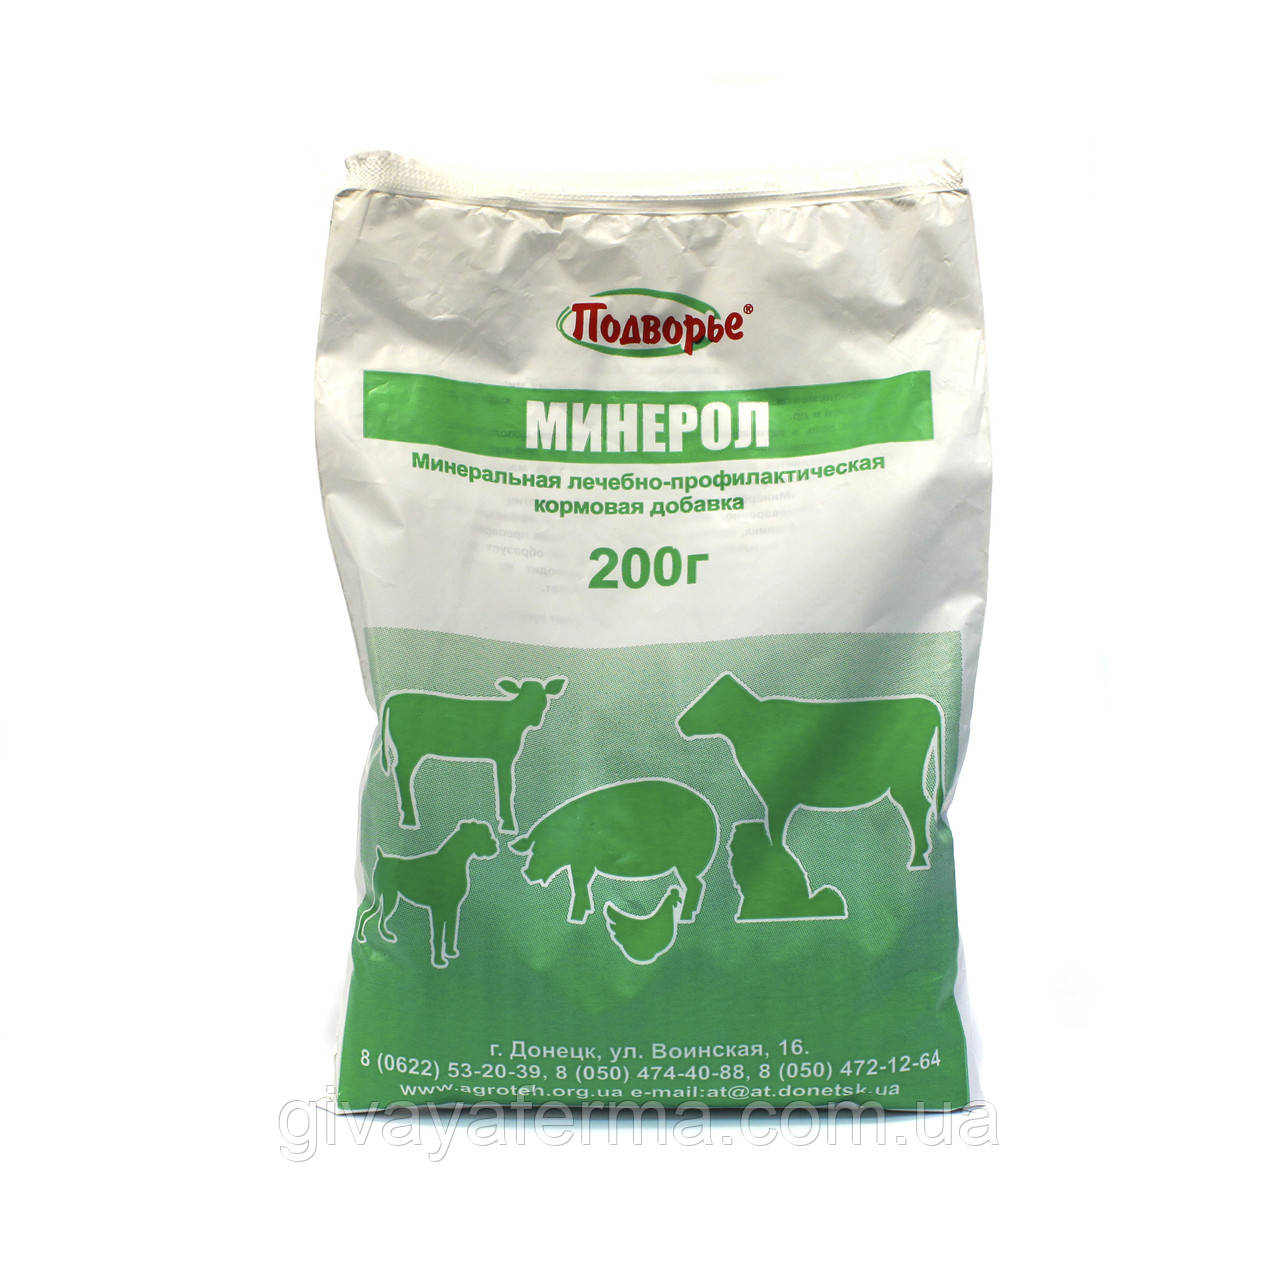 Минерол 200 гр, для животных и птицы, минеральная кормовая добавка